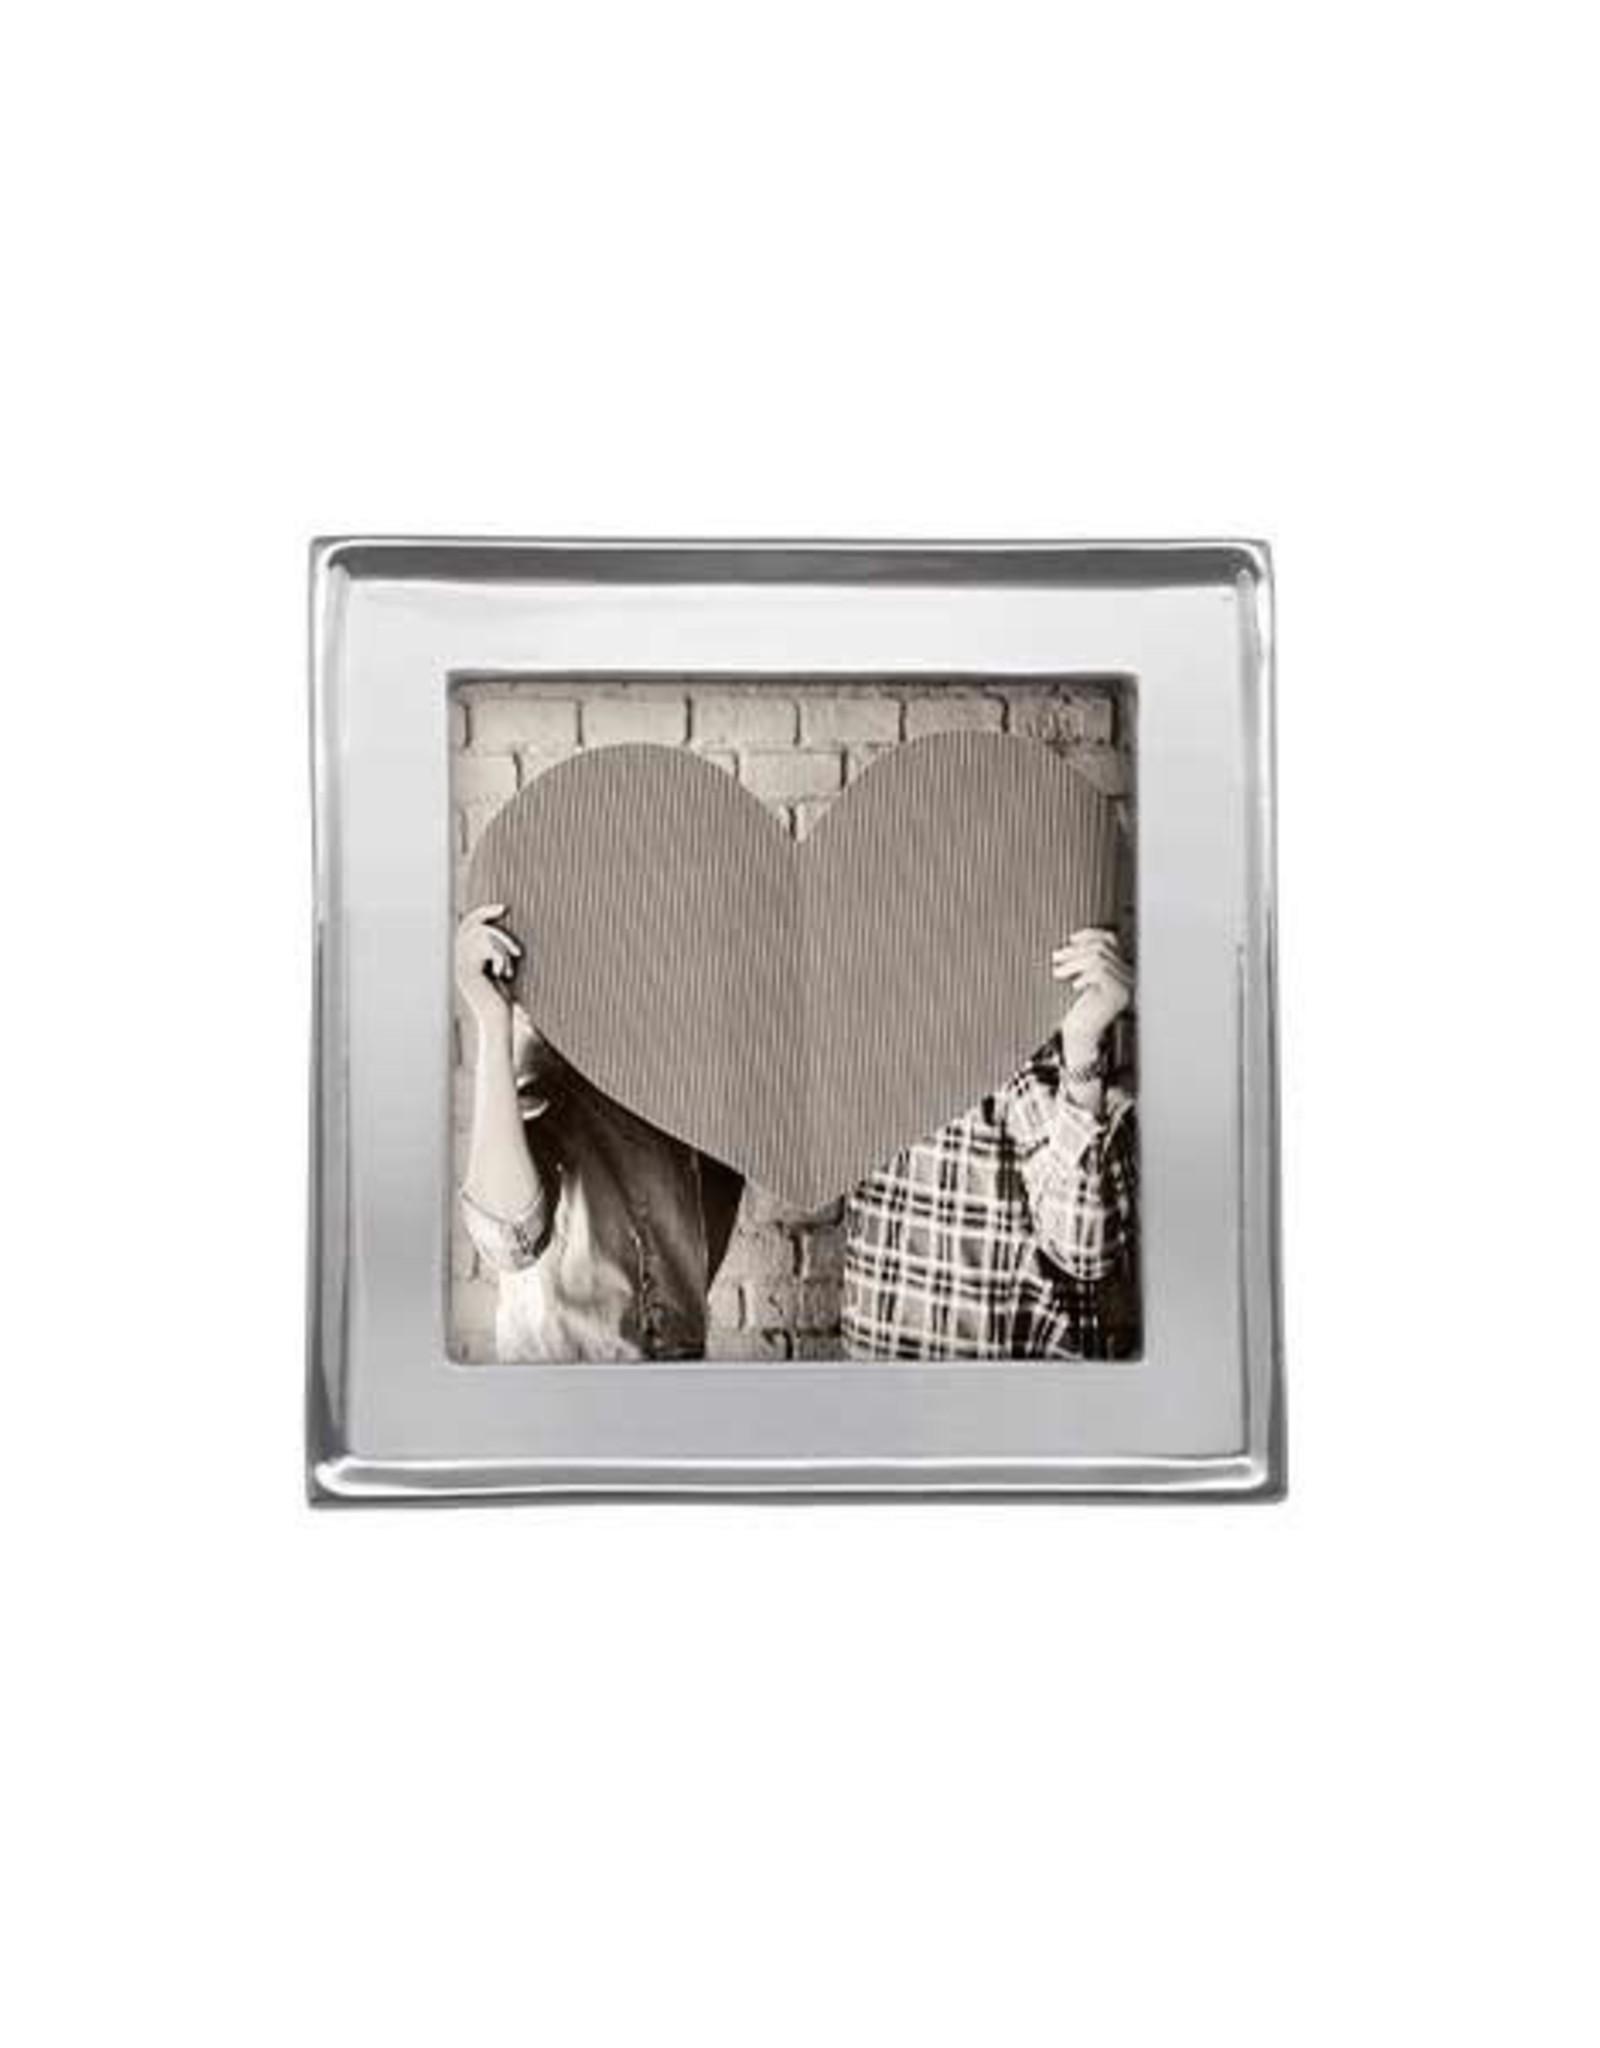 Frame - Signature 4x4